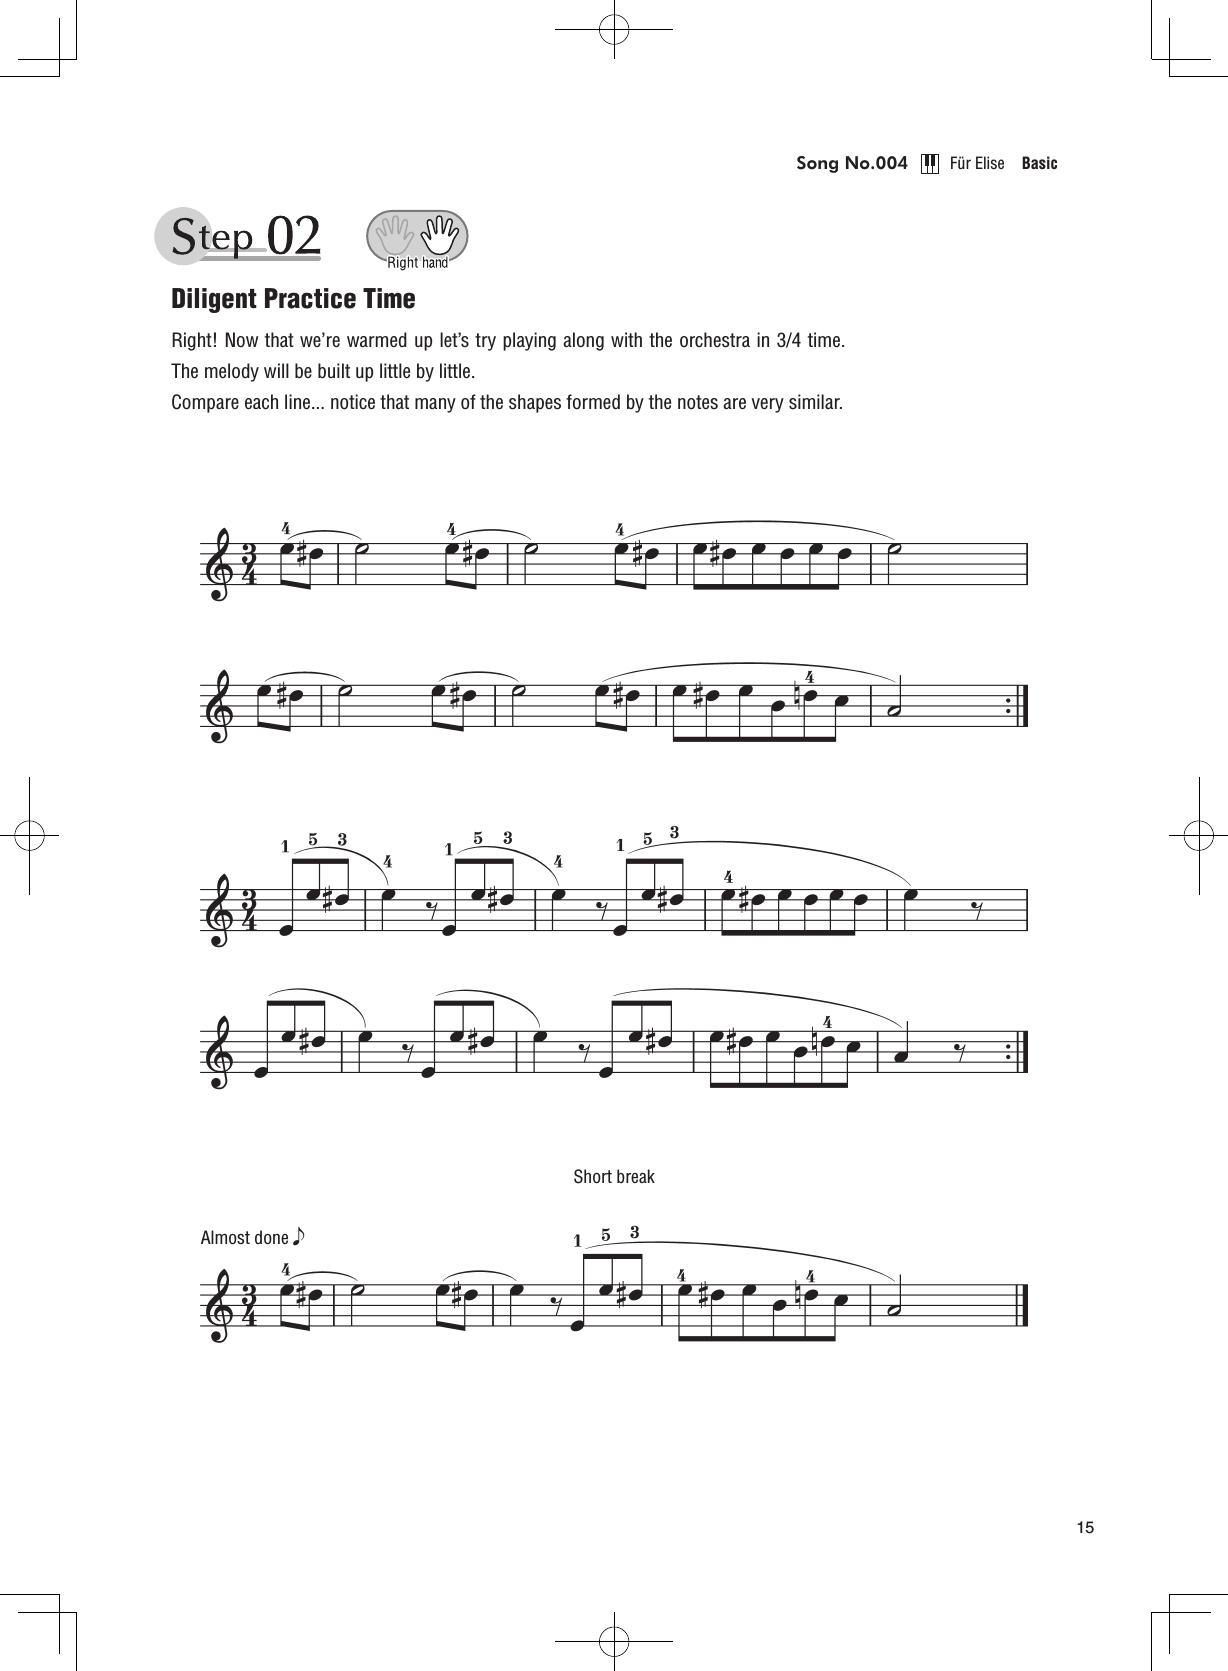 Yamaha PSR E363_SongBook_English Song Book For E363/PSR